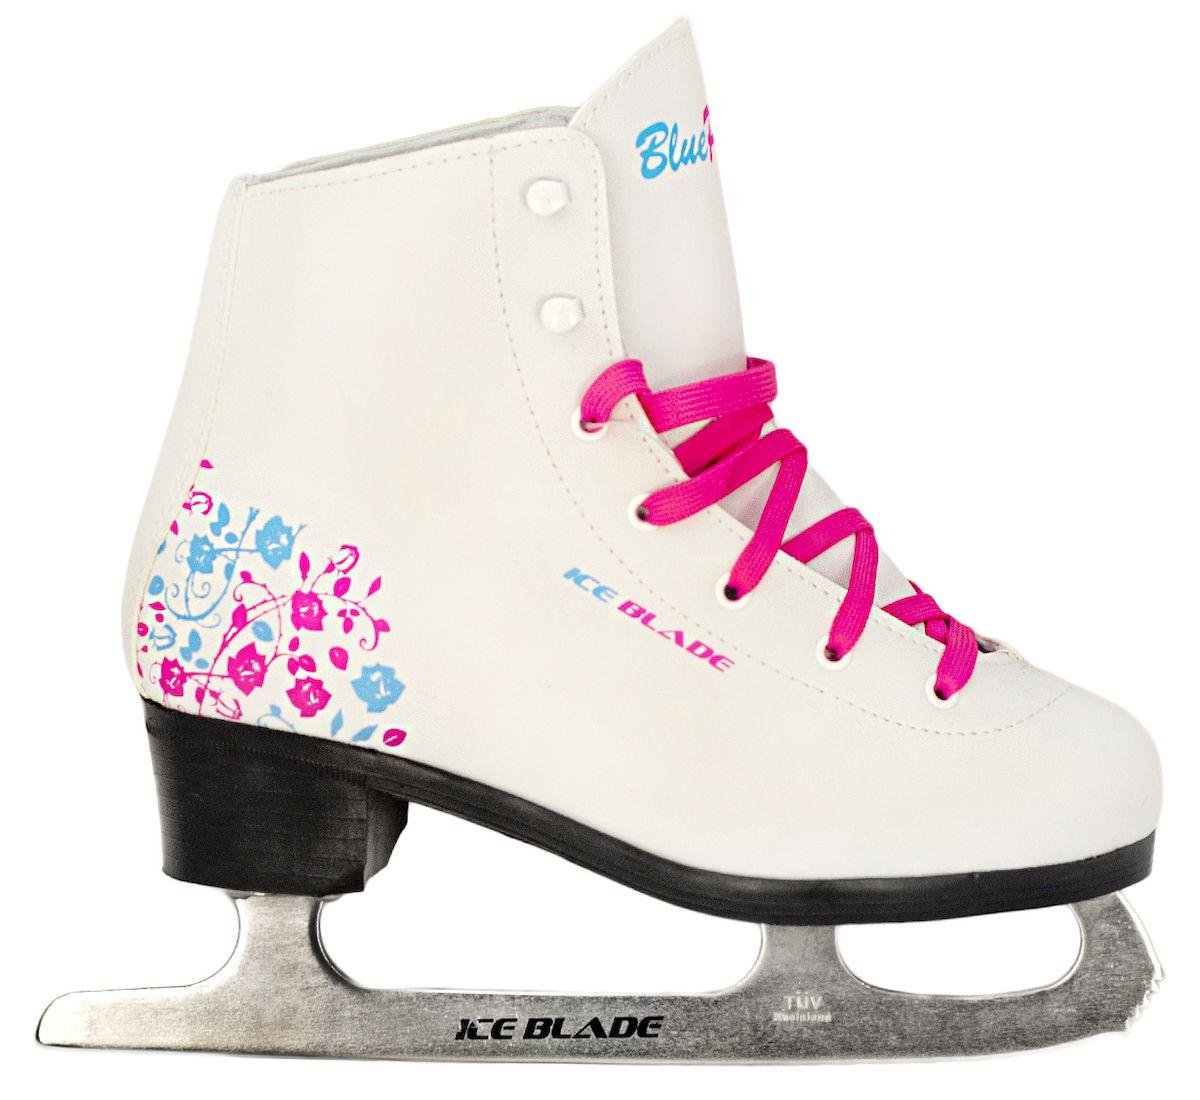 Коньки фигурные Ice Blade BluePink, цвет: белый, розовый, голубой. УТ-00006869. Размер 42